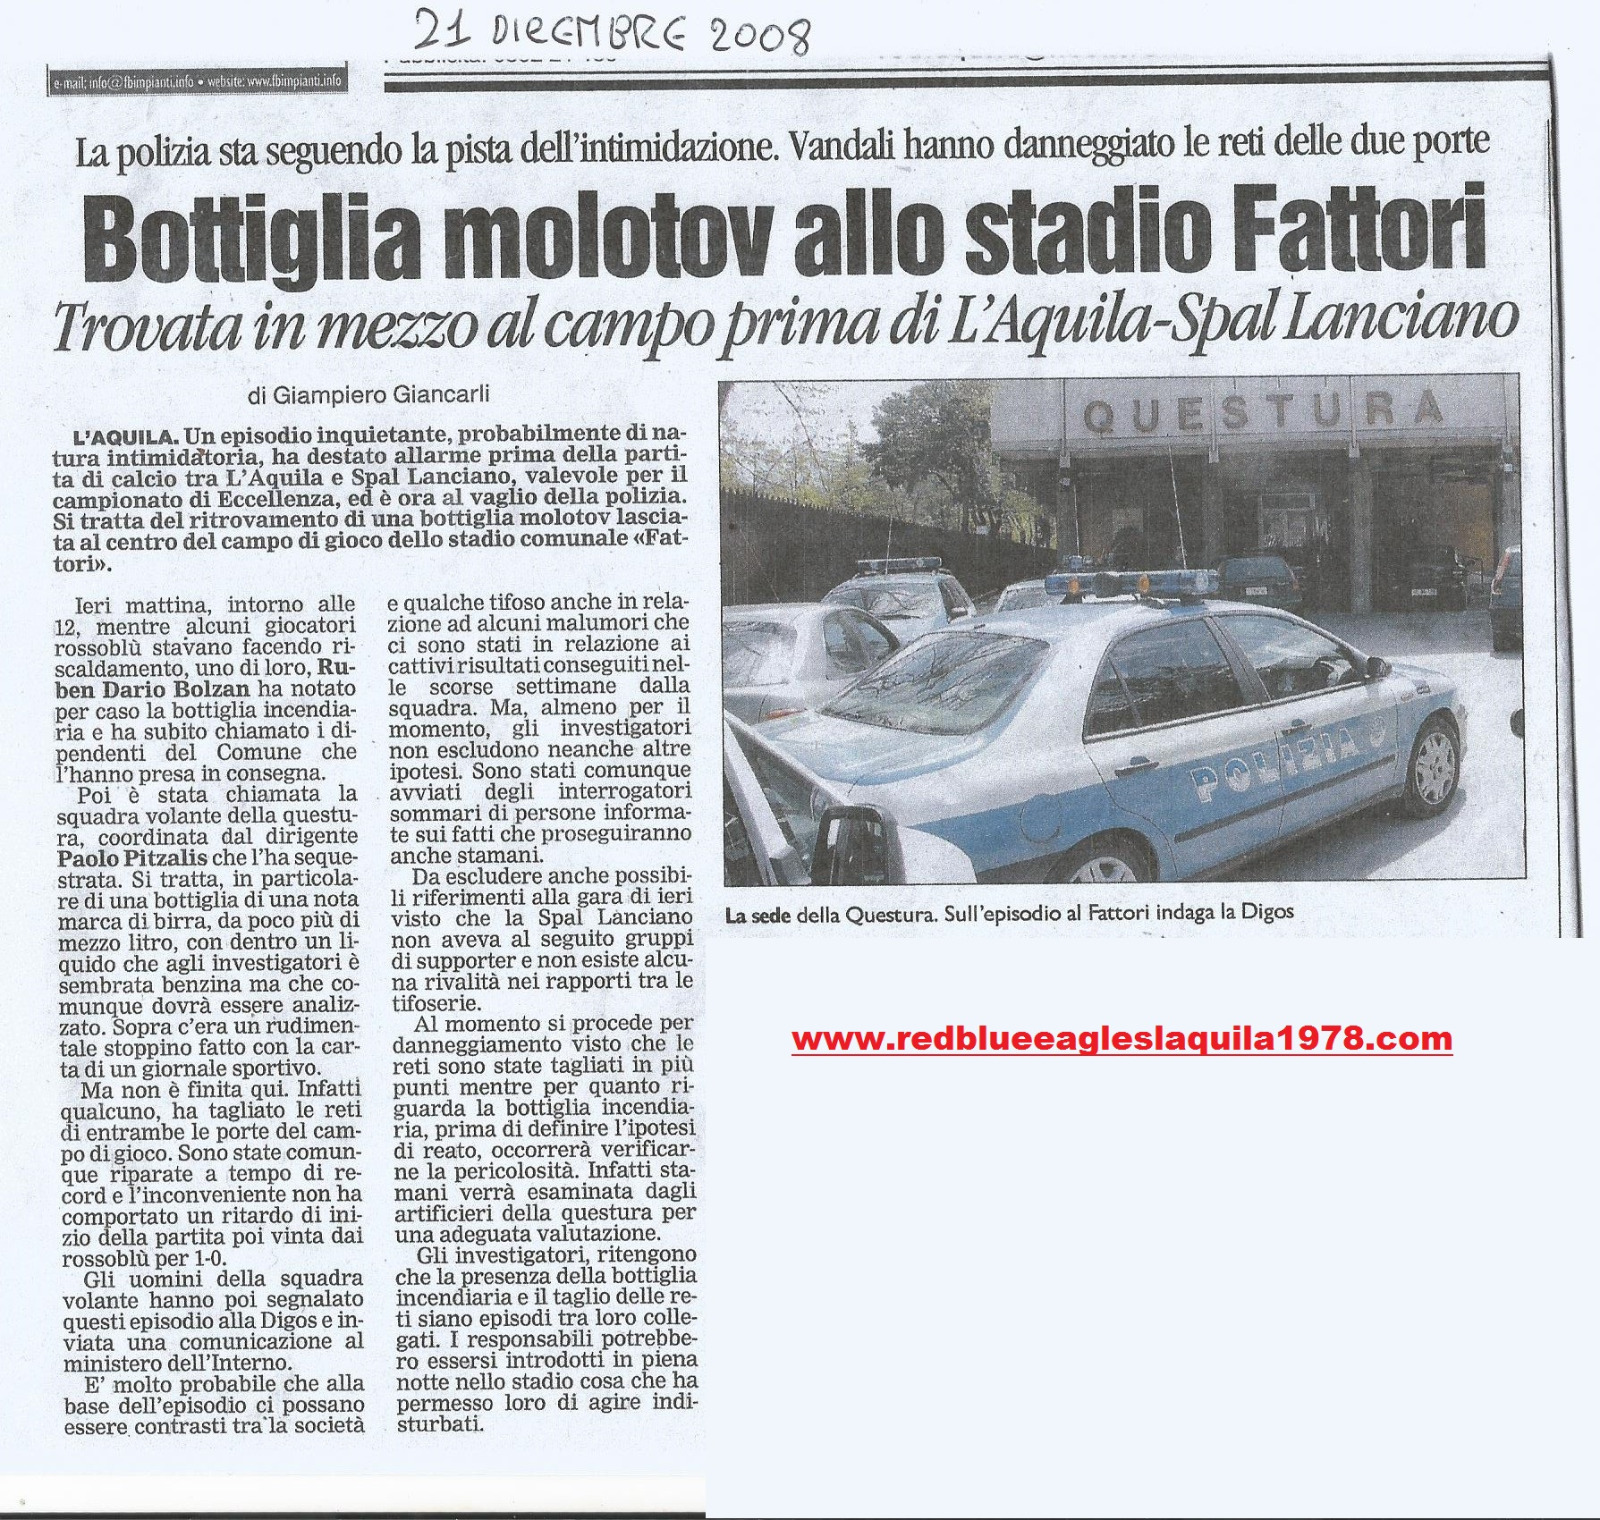 Bottiglia molotov allo stadio (eccellenza) 21 Dicembre 2008